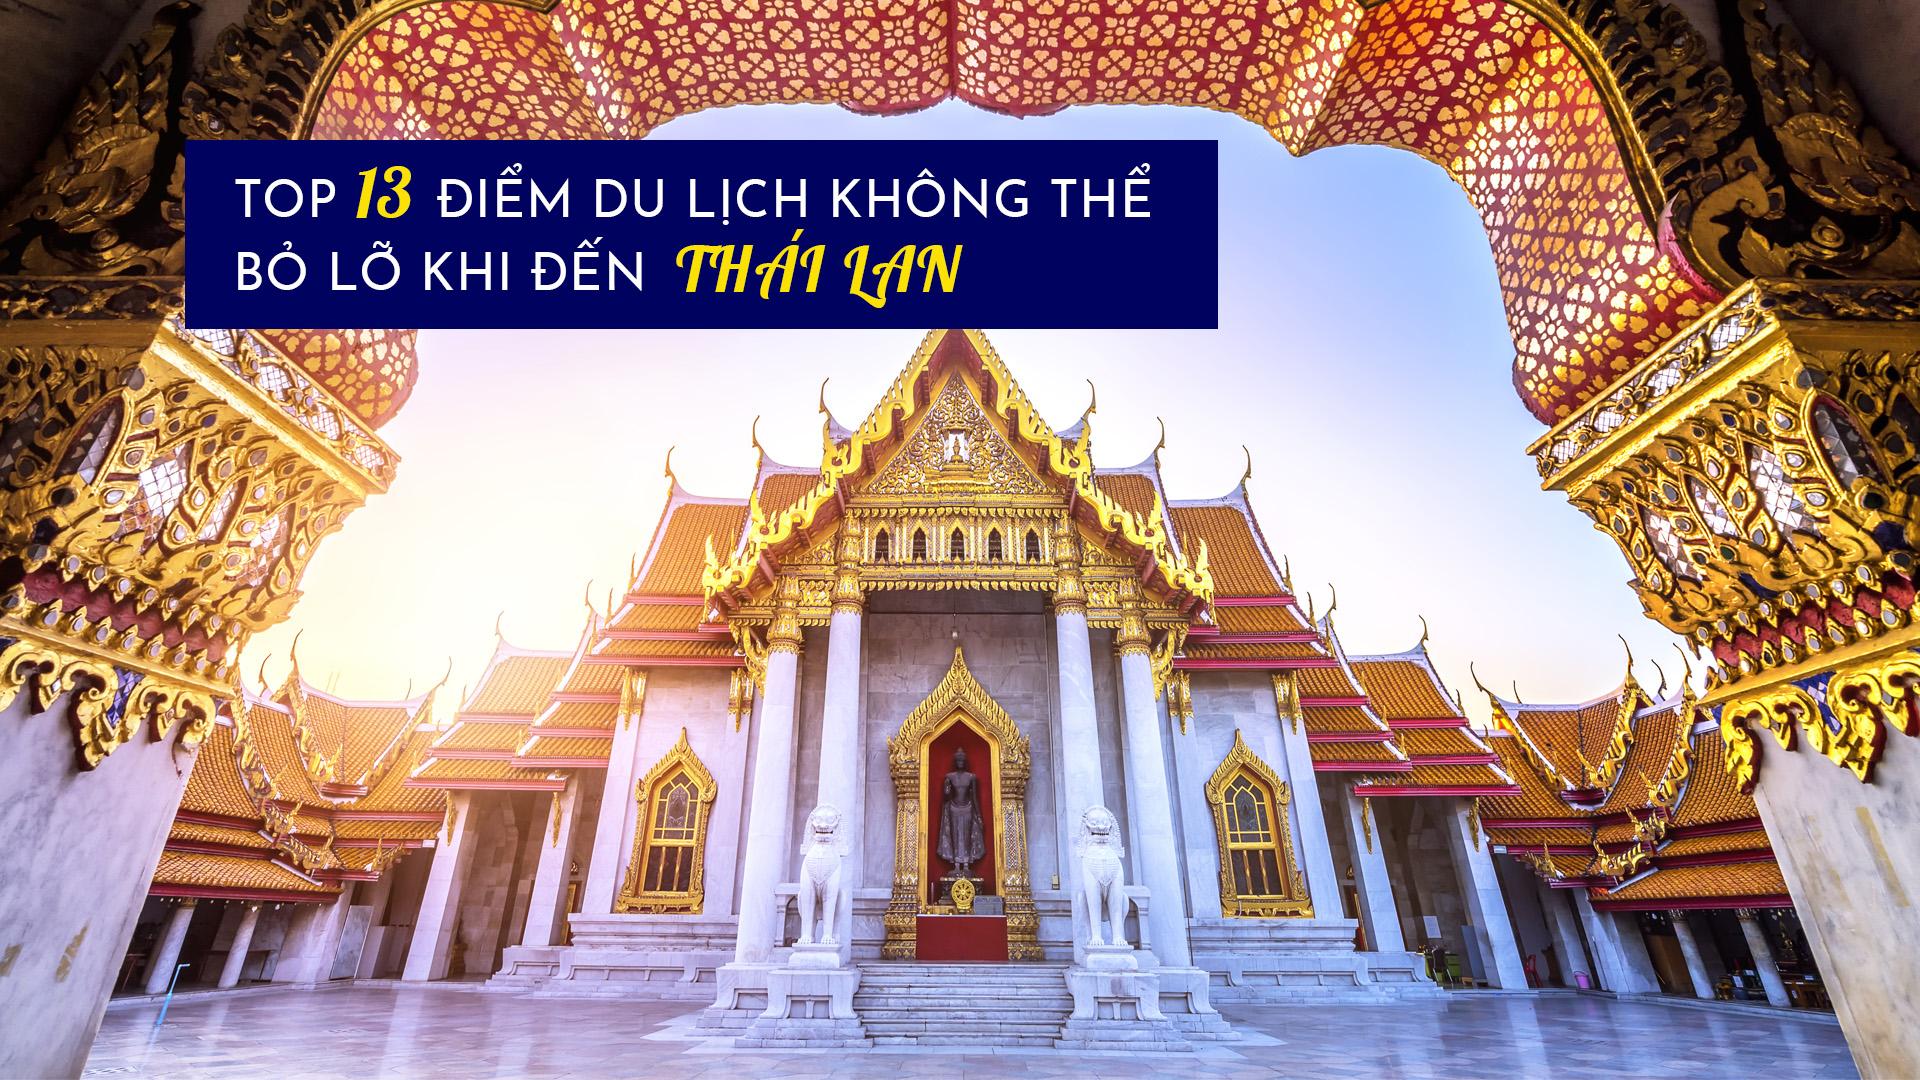 Top 13 điểm du lịch không thể bỏ lỡ khi đến Thái Lan